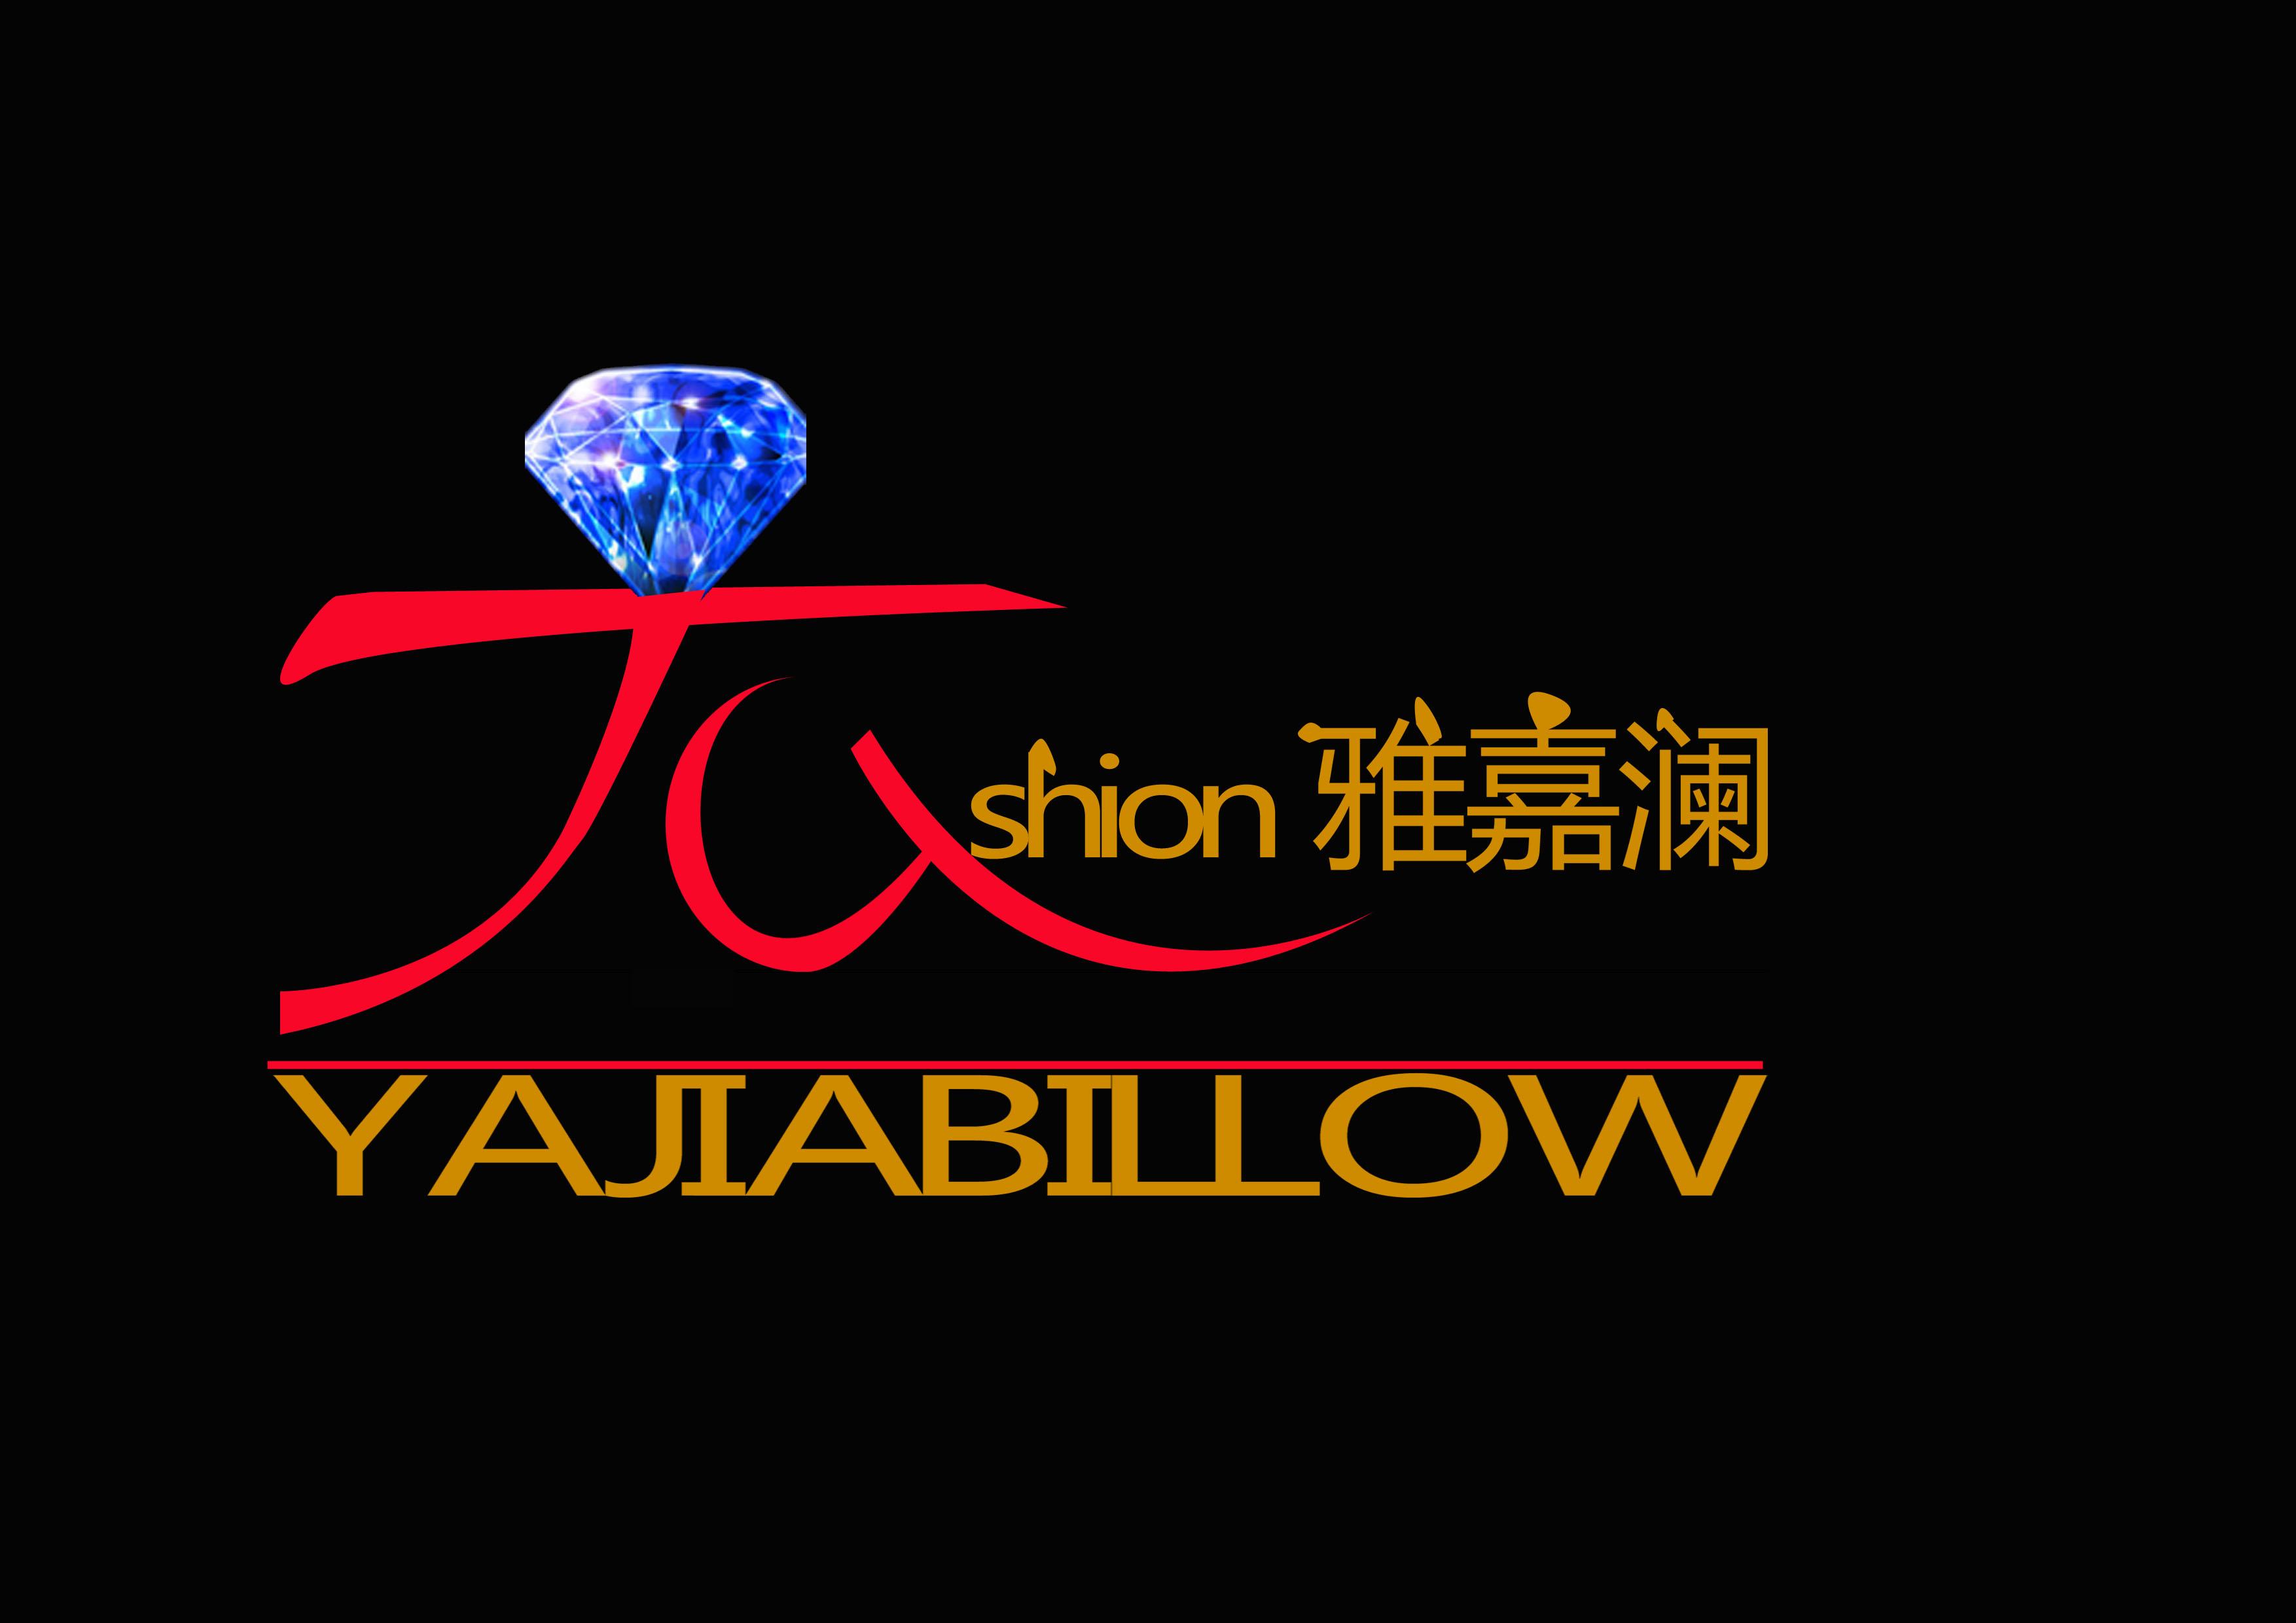 淘宝雅嘉澜时尚服装店店标logo设计图片